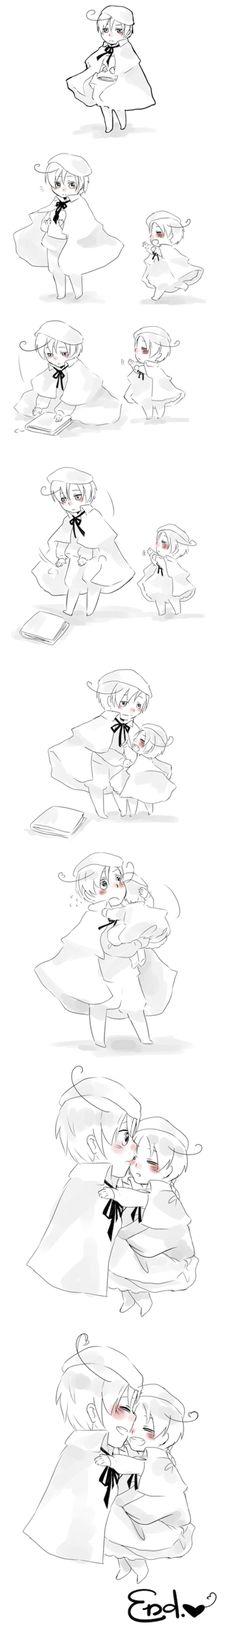 So adorable (ಥ﹏ಥ)